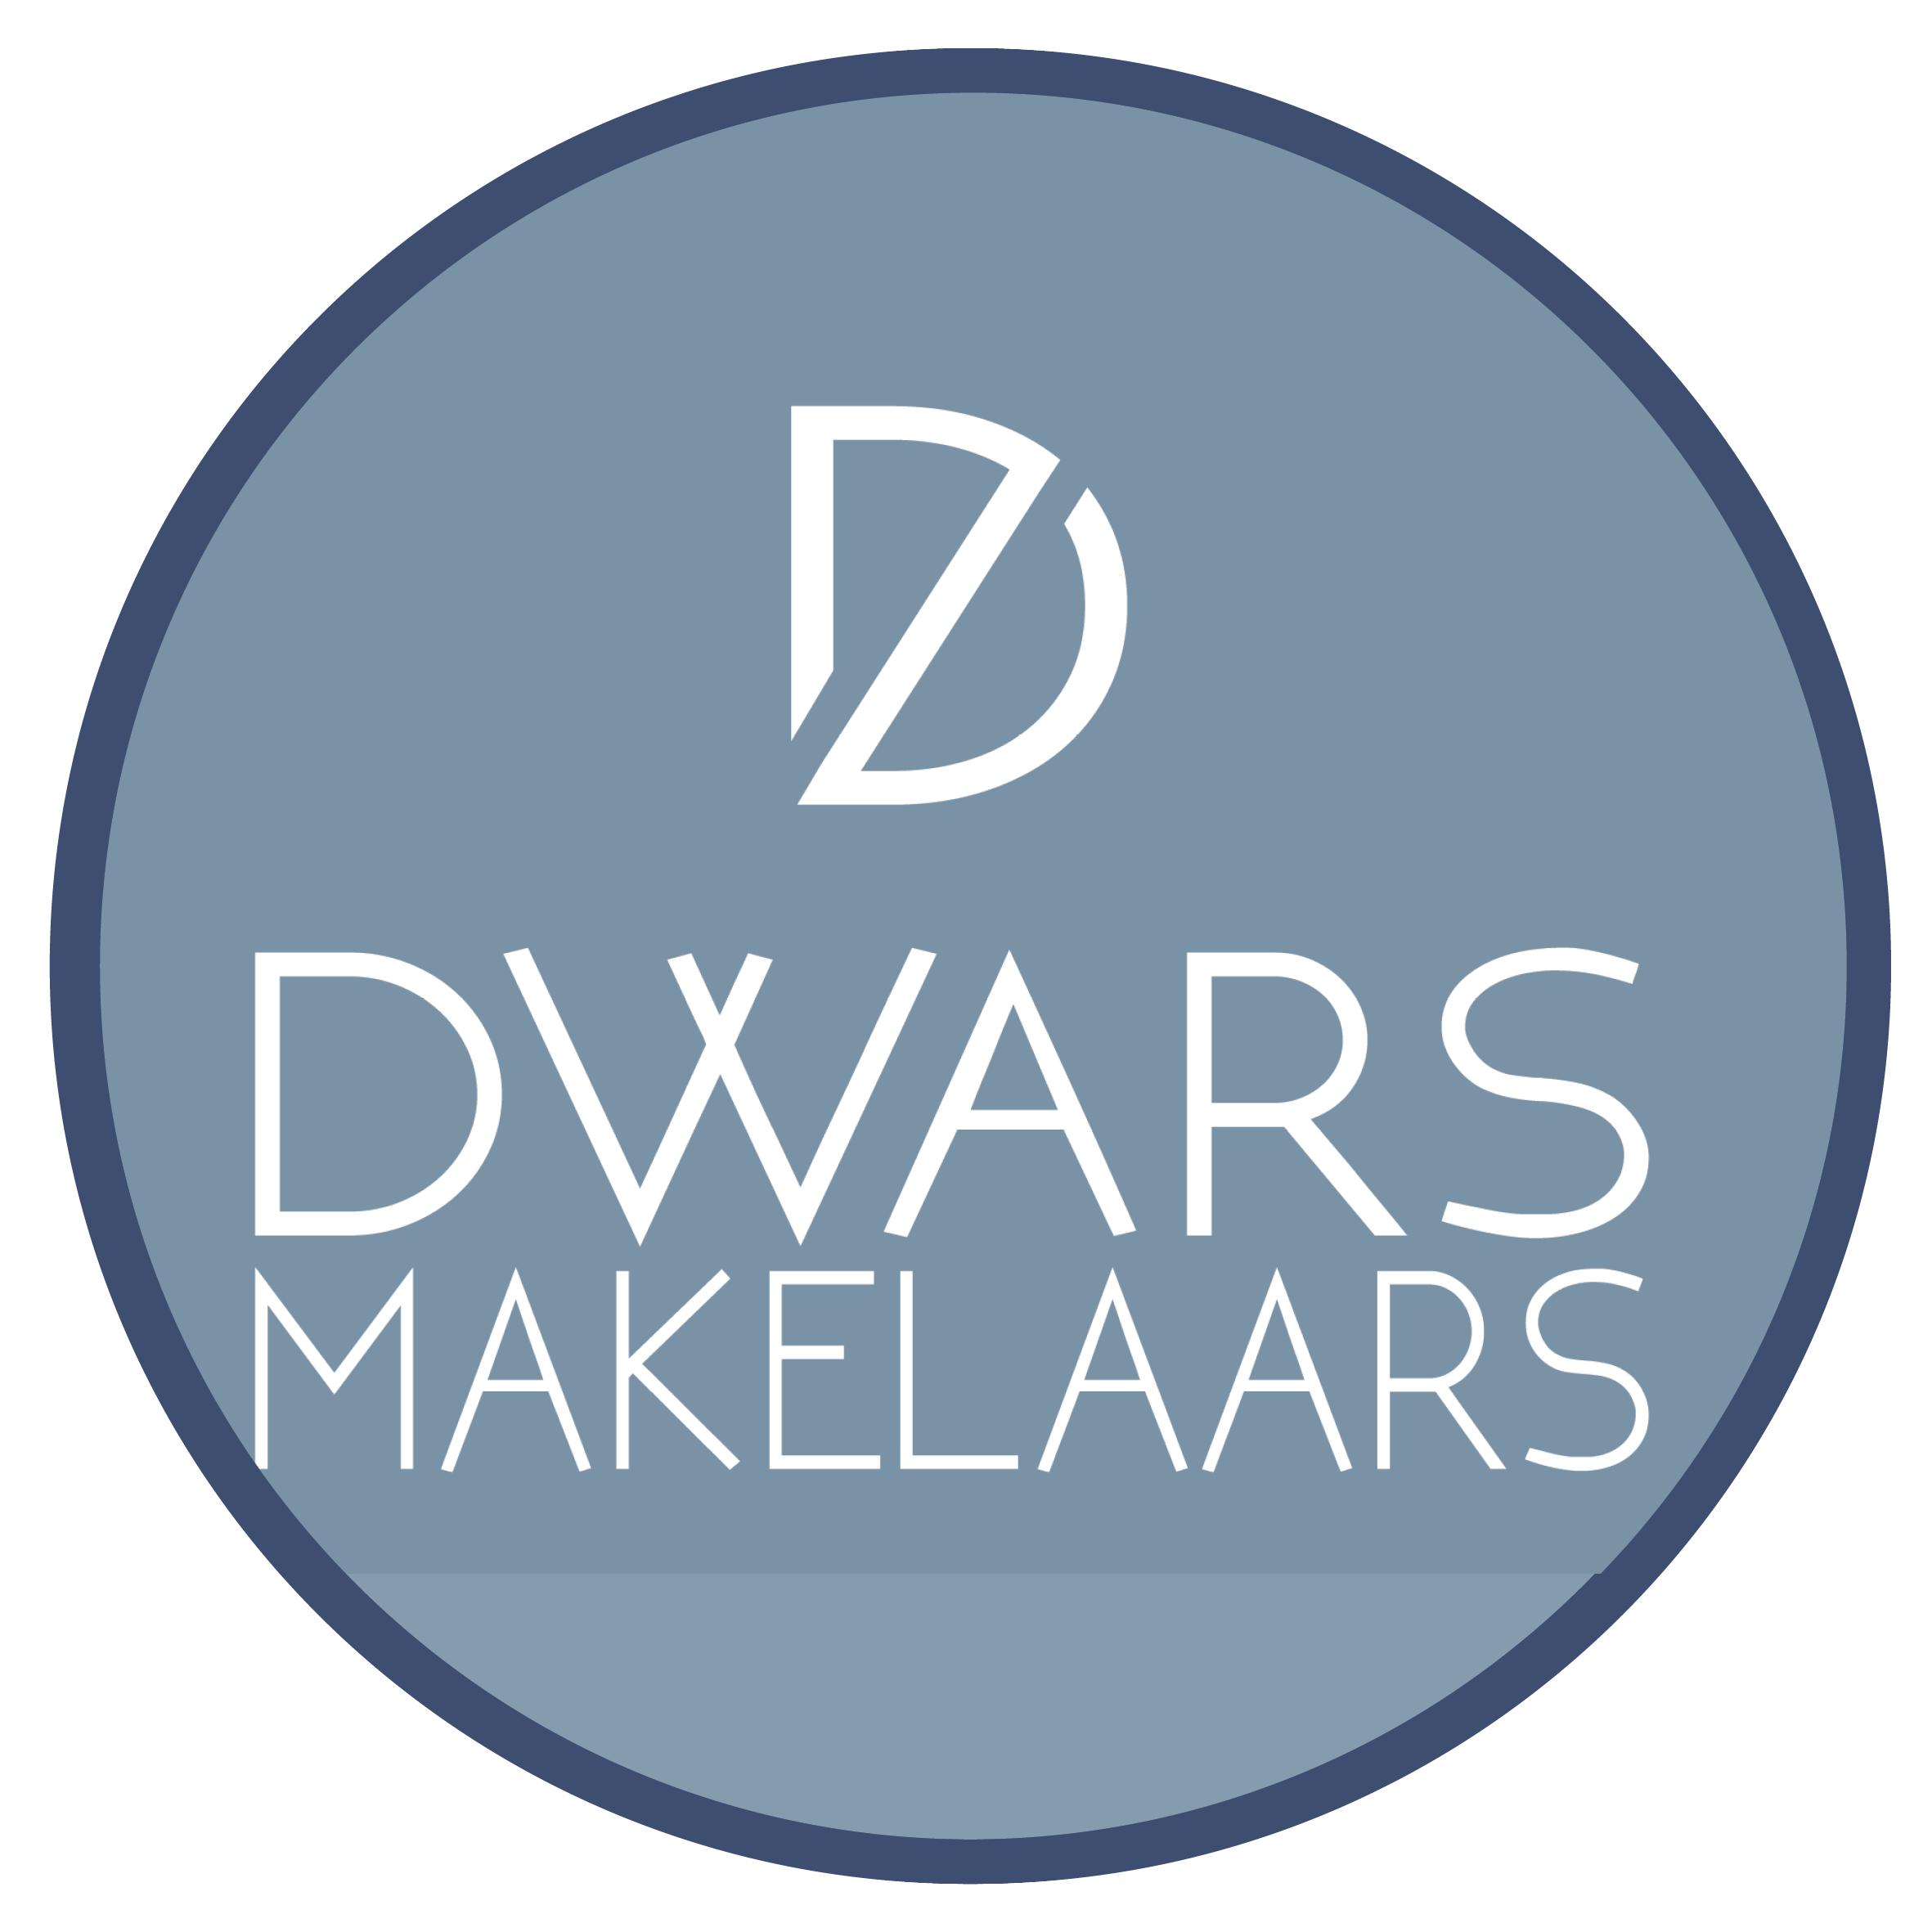 Dwars Makelaars